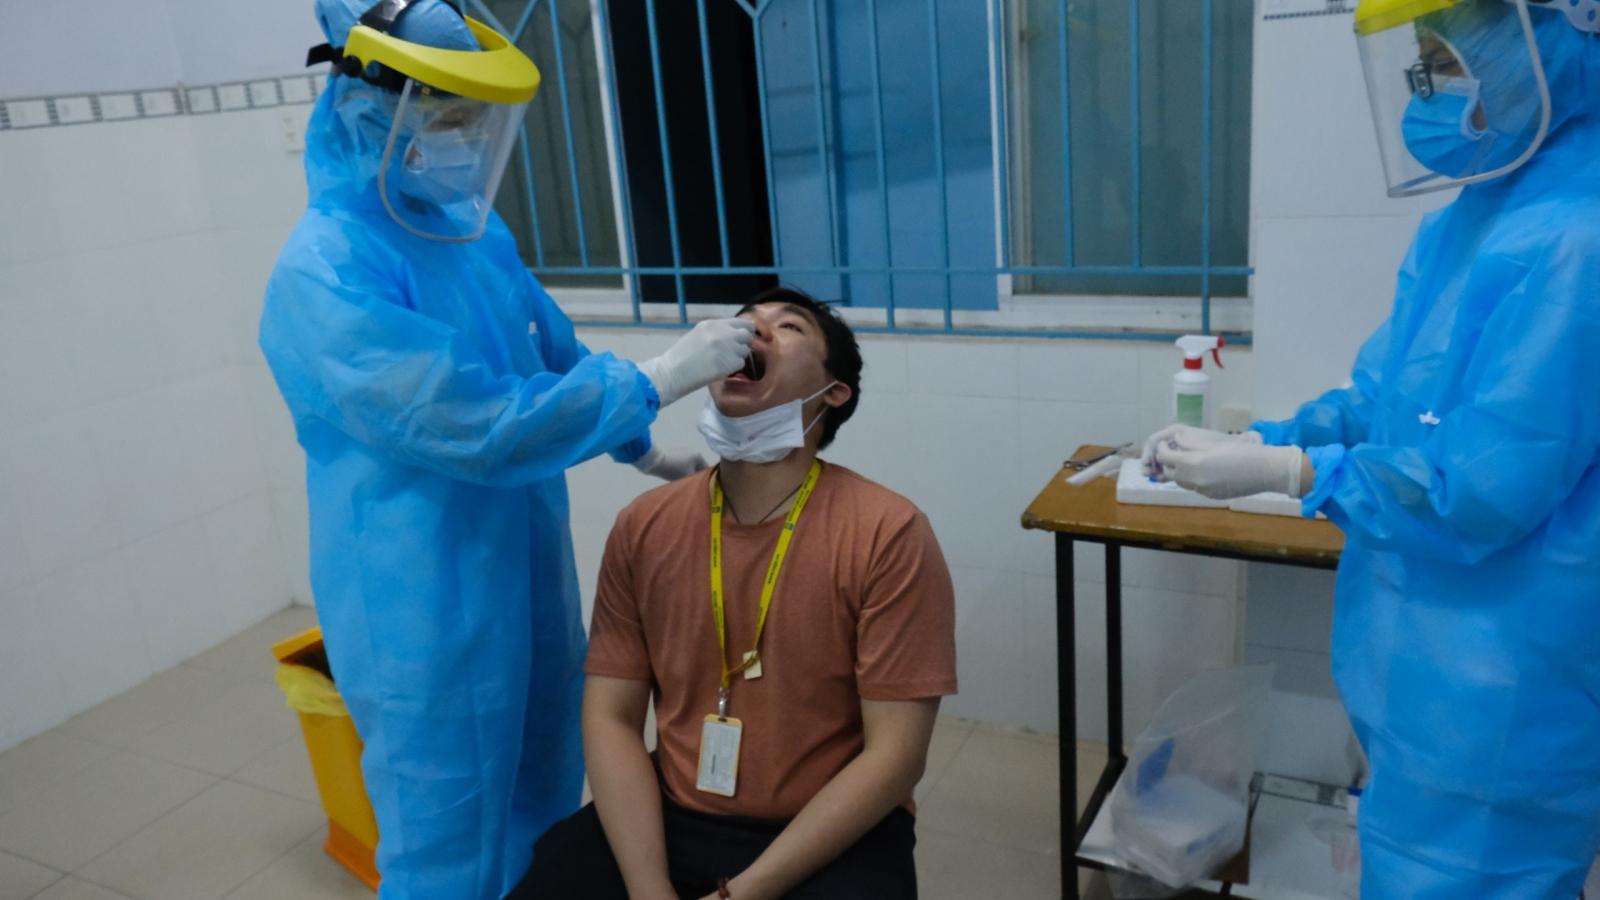 Kiểm soát chuỗi lây nhiễm liên quan đến sân bay Tân Sơn Nhất bằng xét nghiệm thần tốc